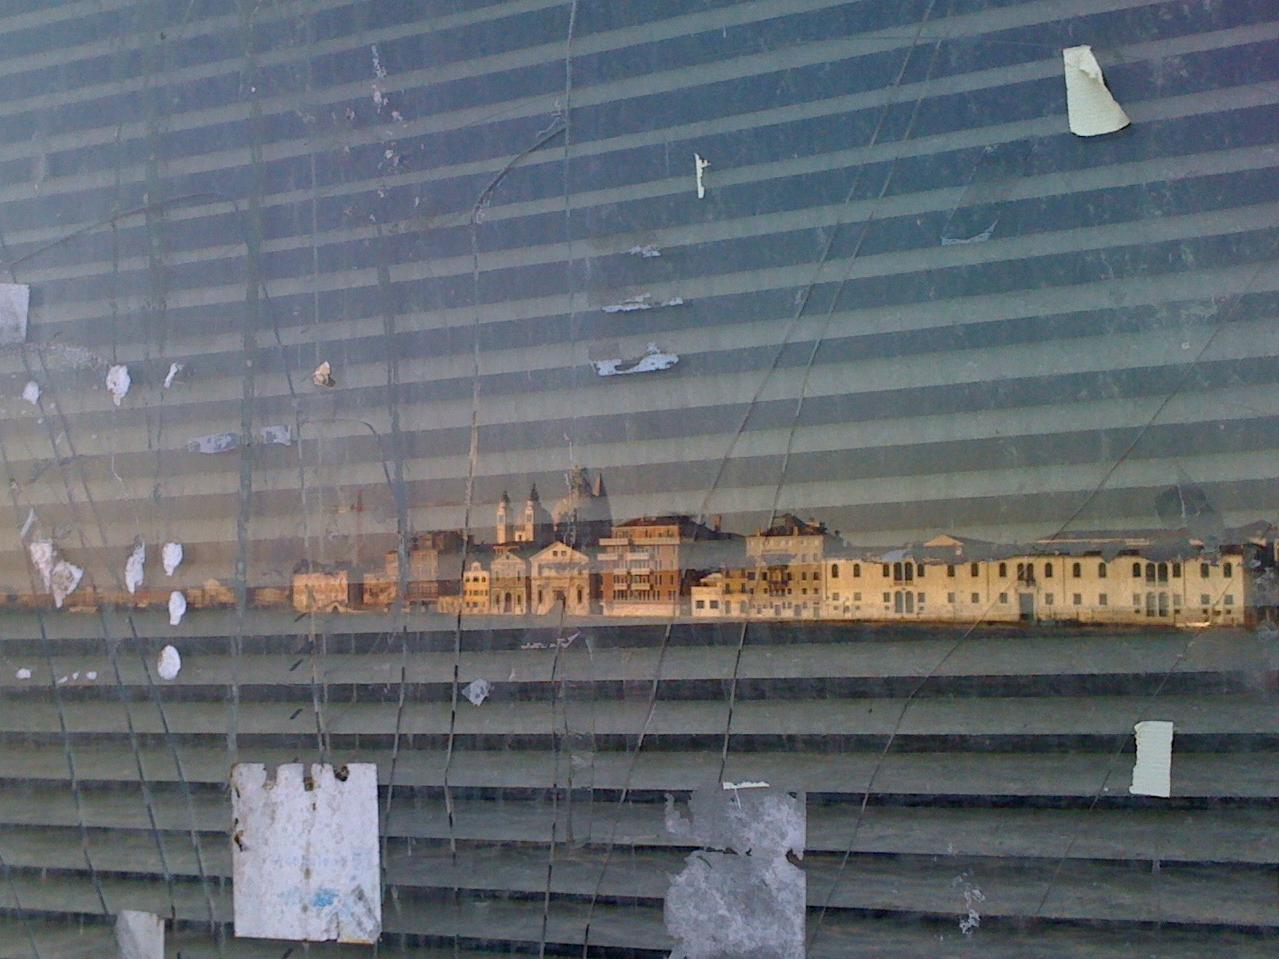 venise_vitrines_1012_1101_b